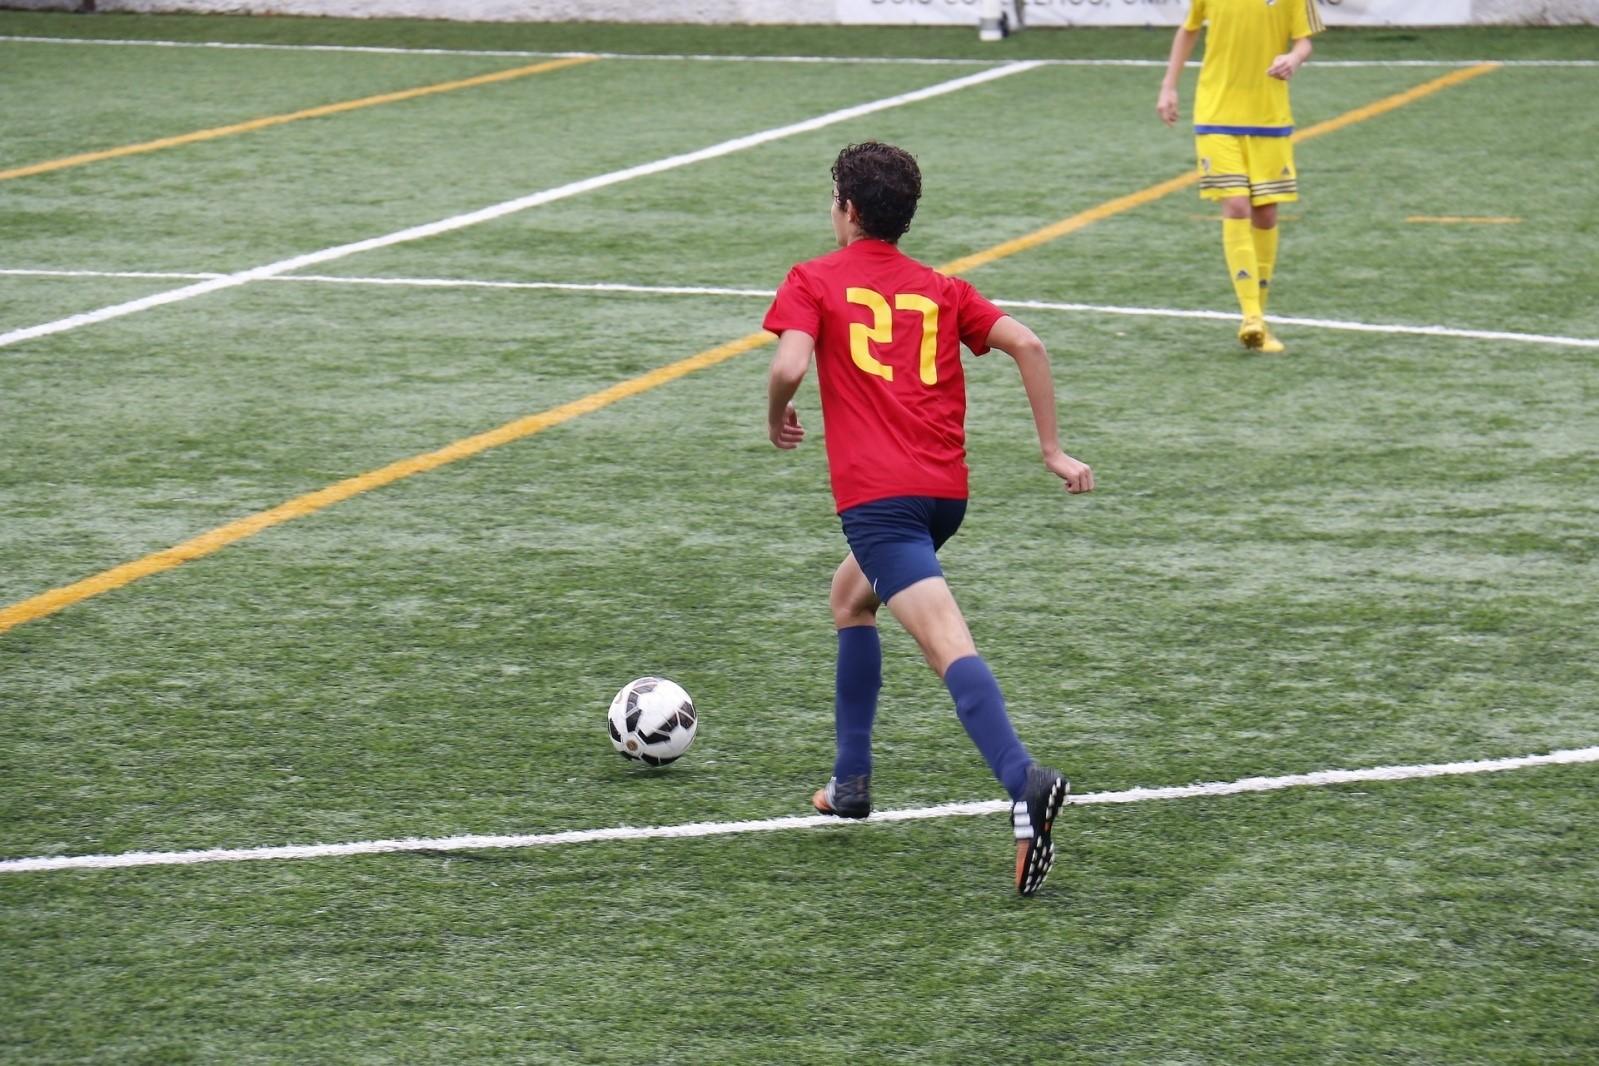 compra de grama sintética para quadra society – futebol-jogo